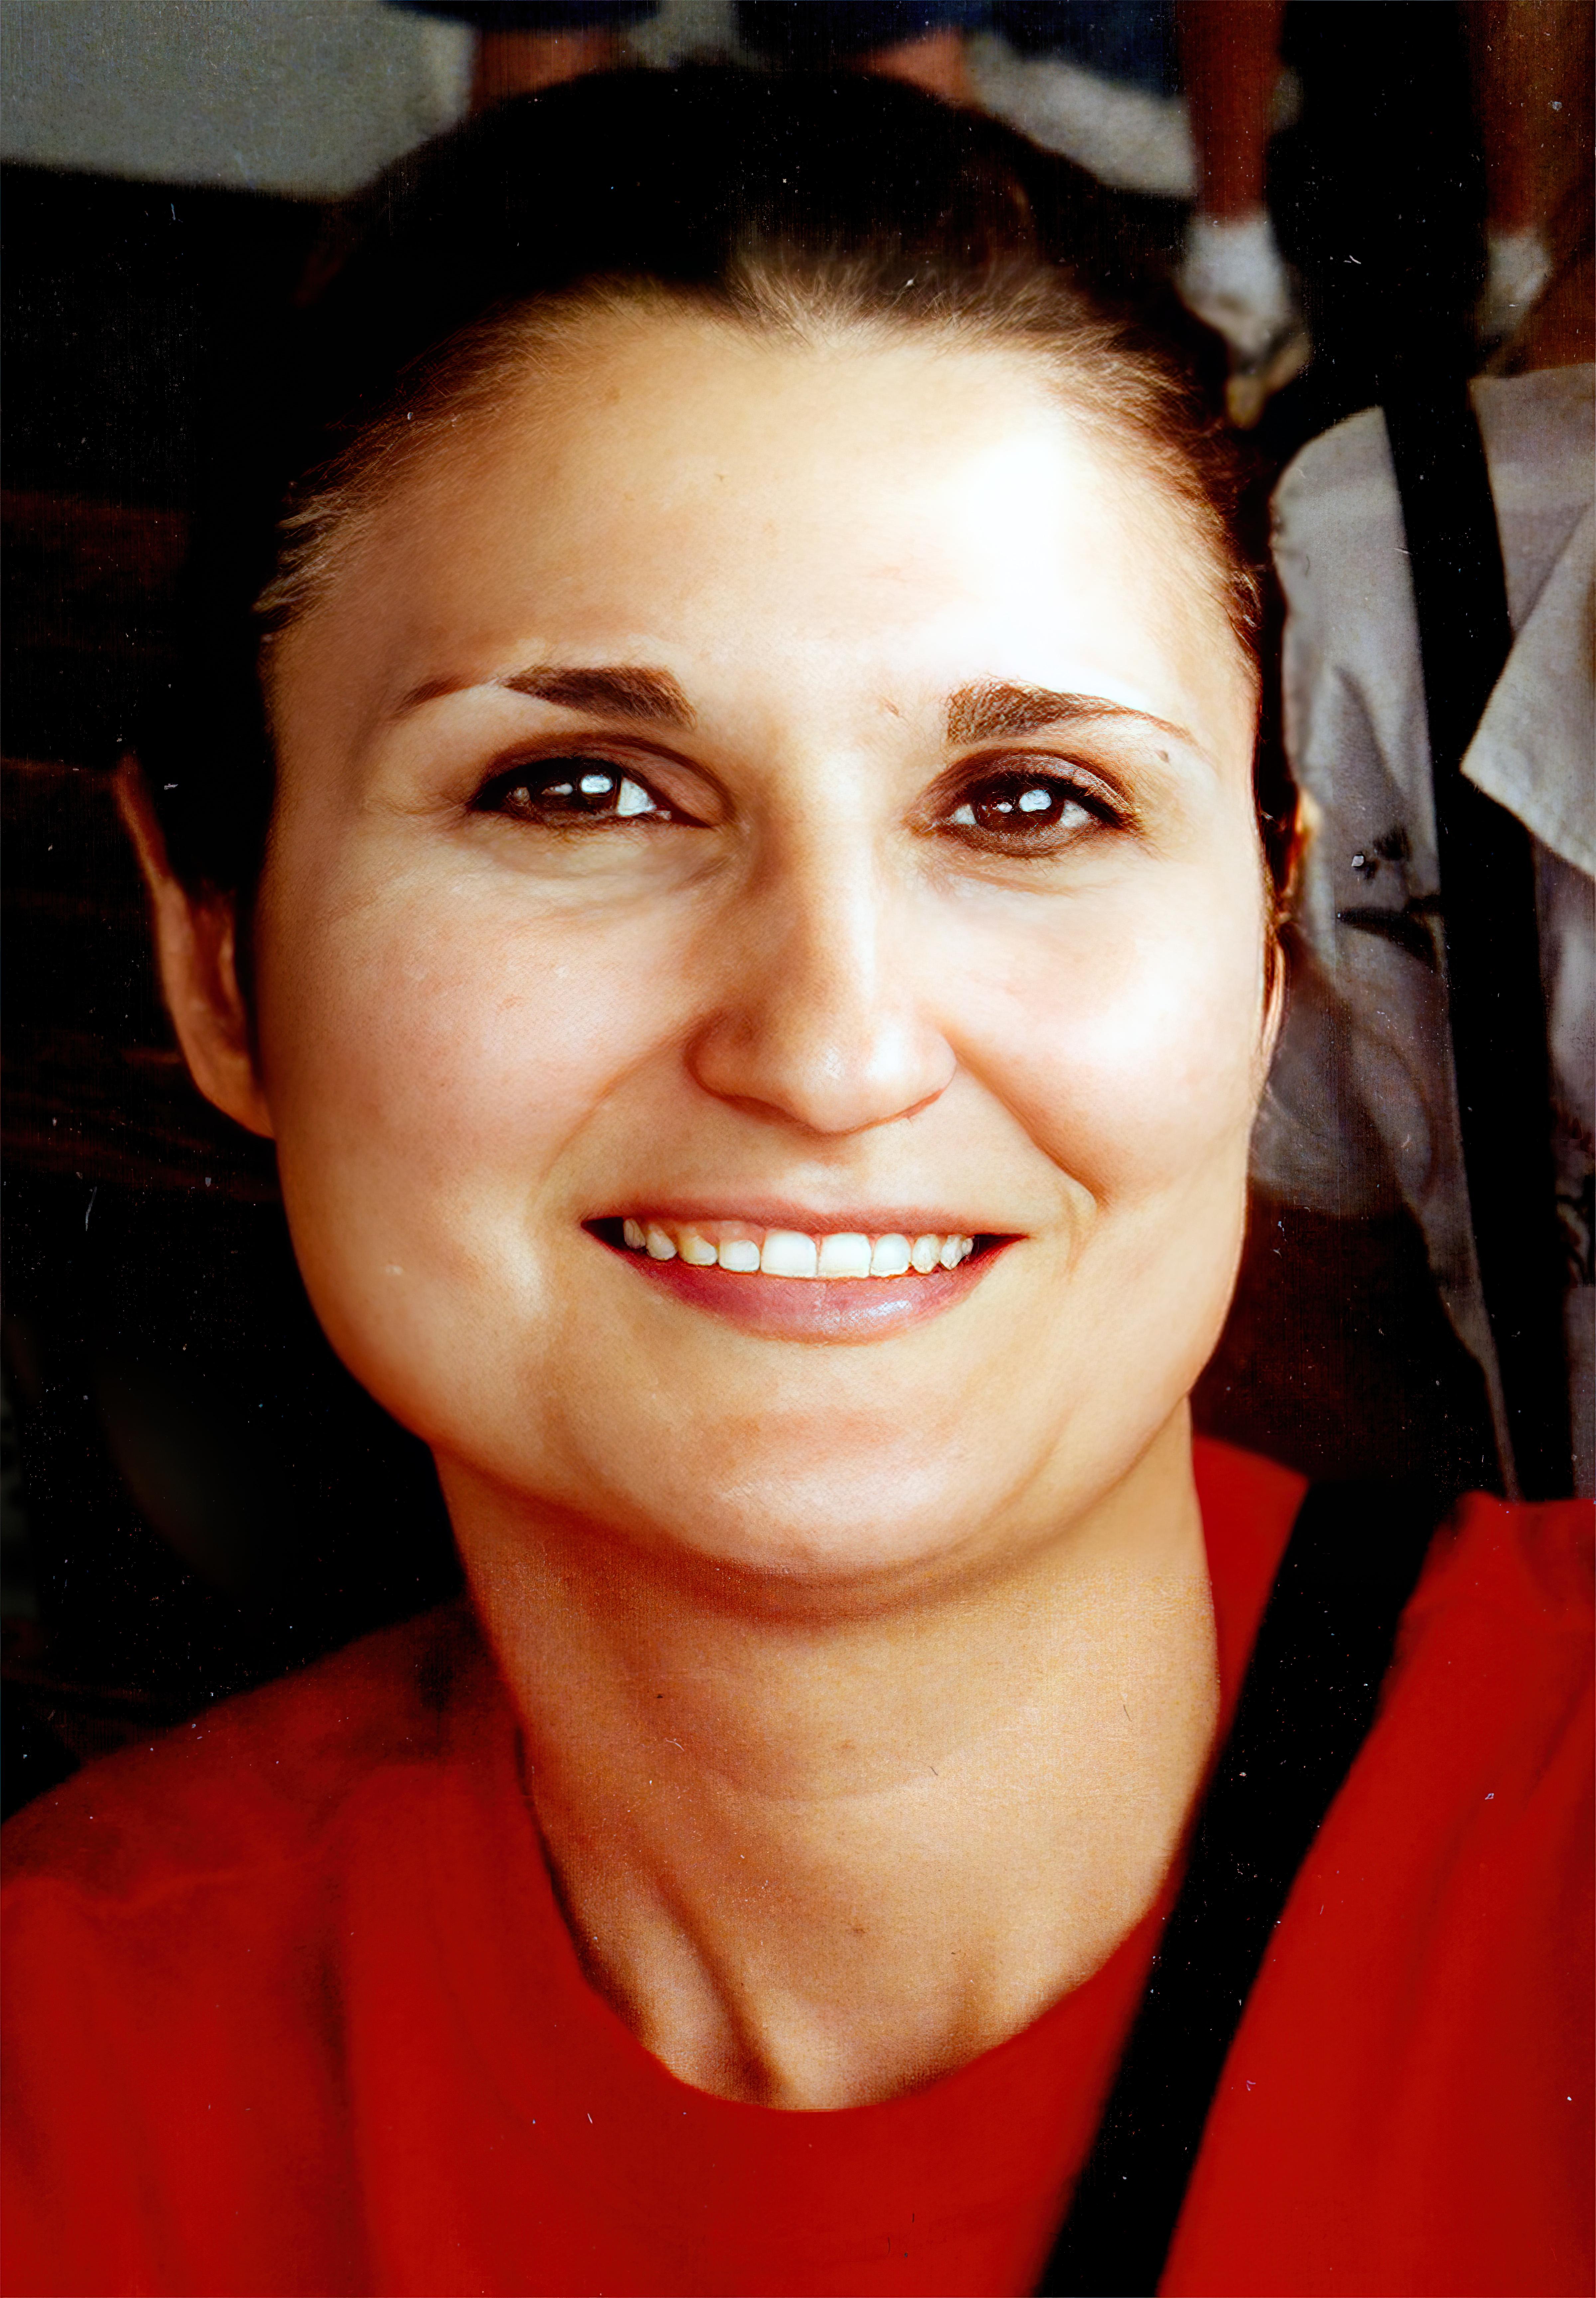 Janna Swenie, Beautiful in Red, 6-19-1999